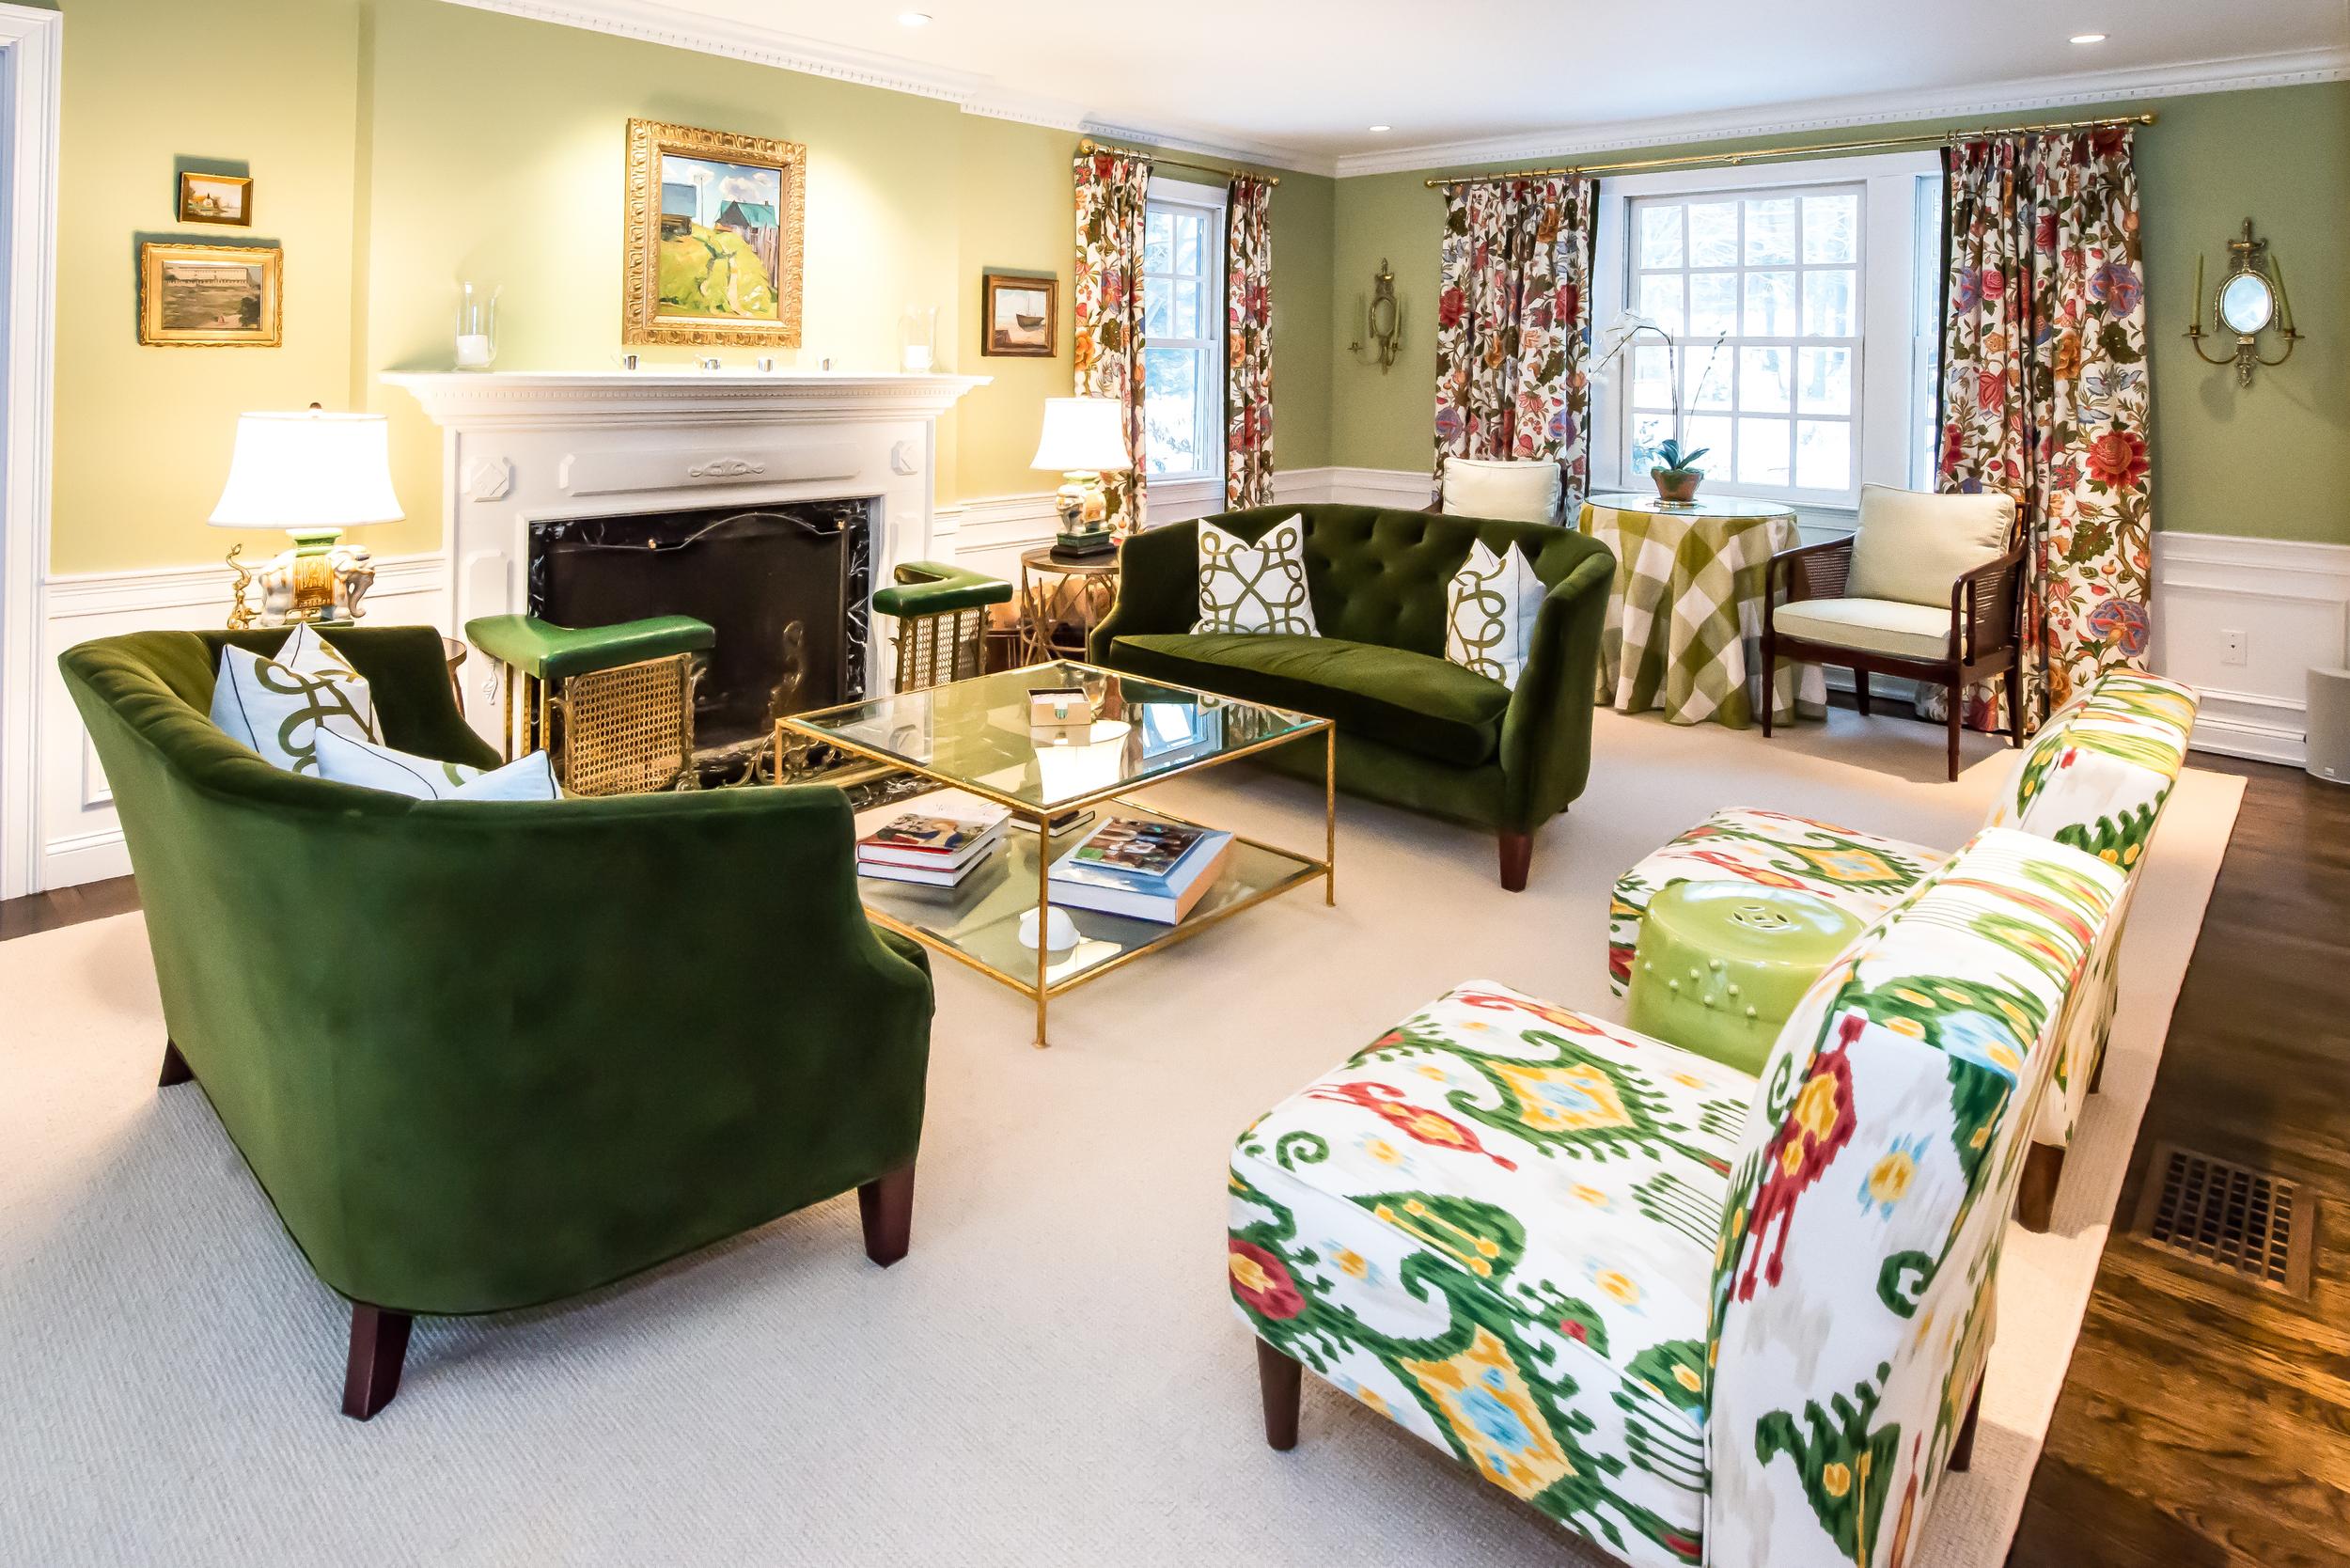 green living room-2.jpg